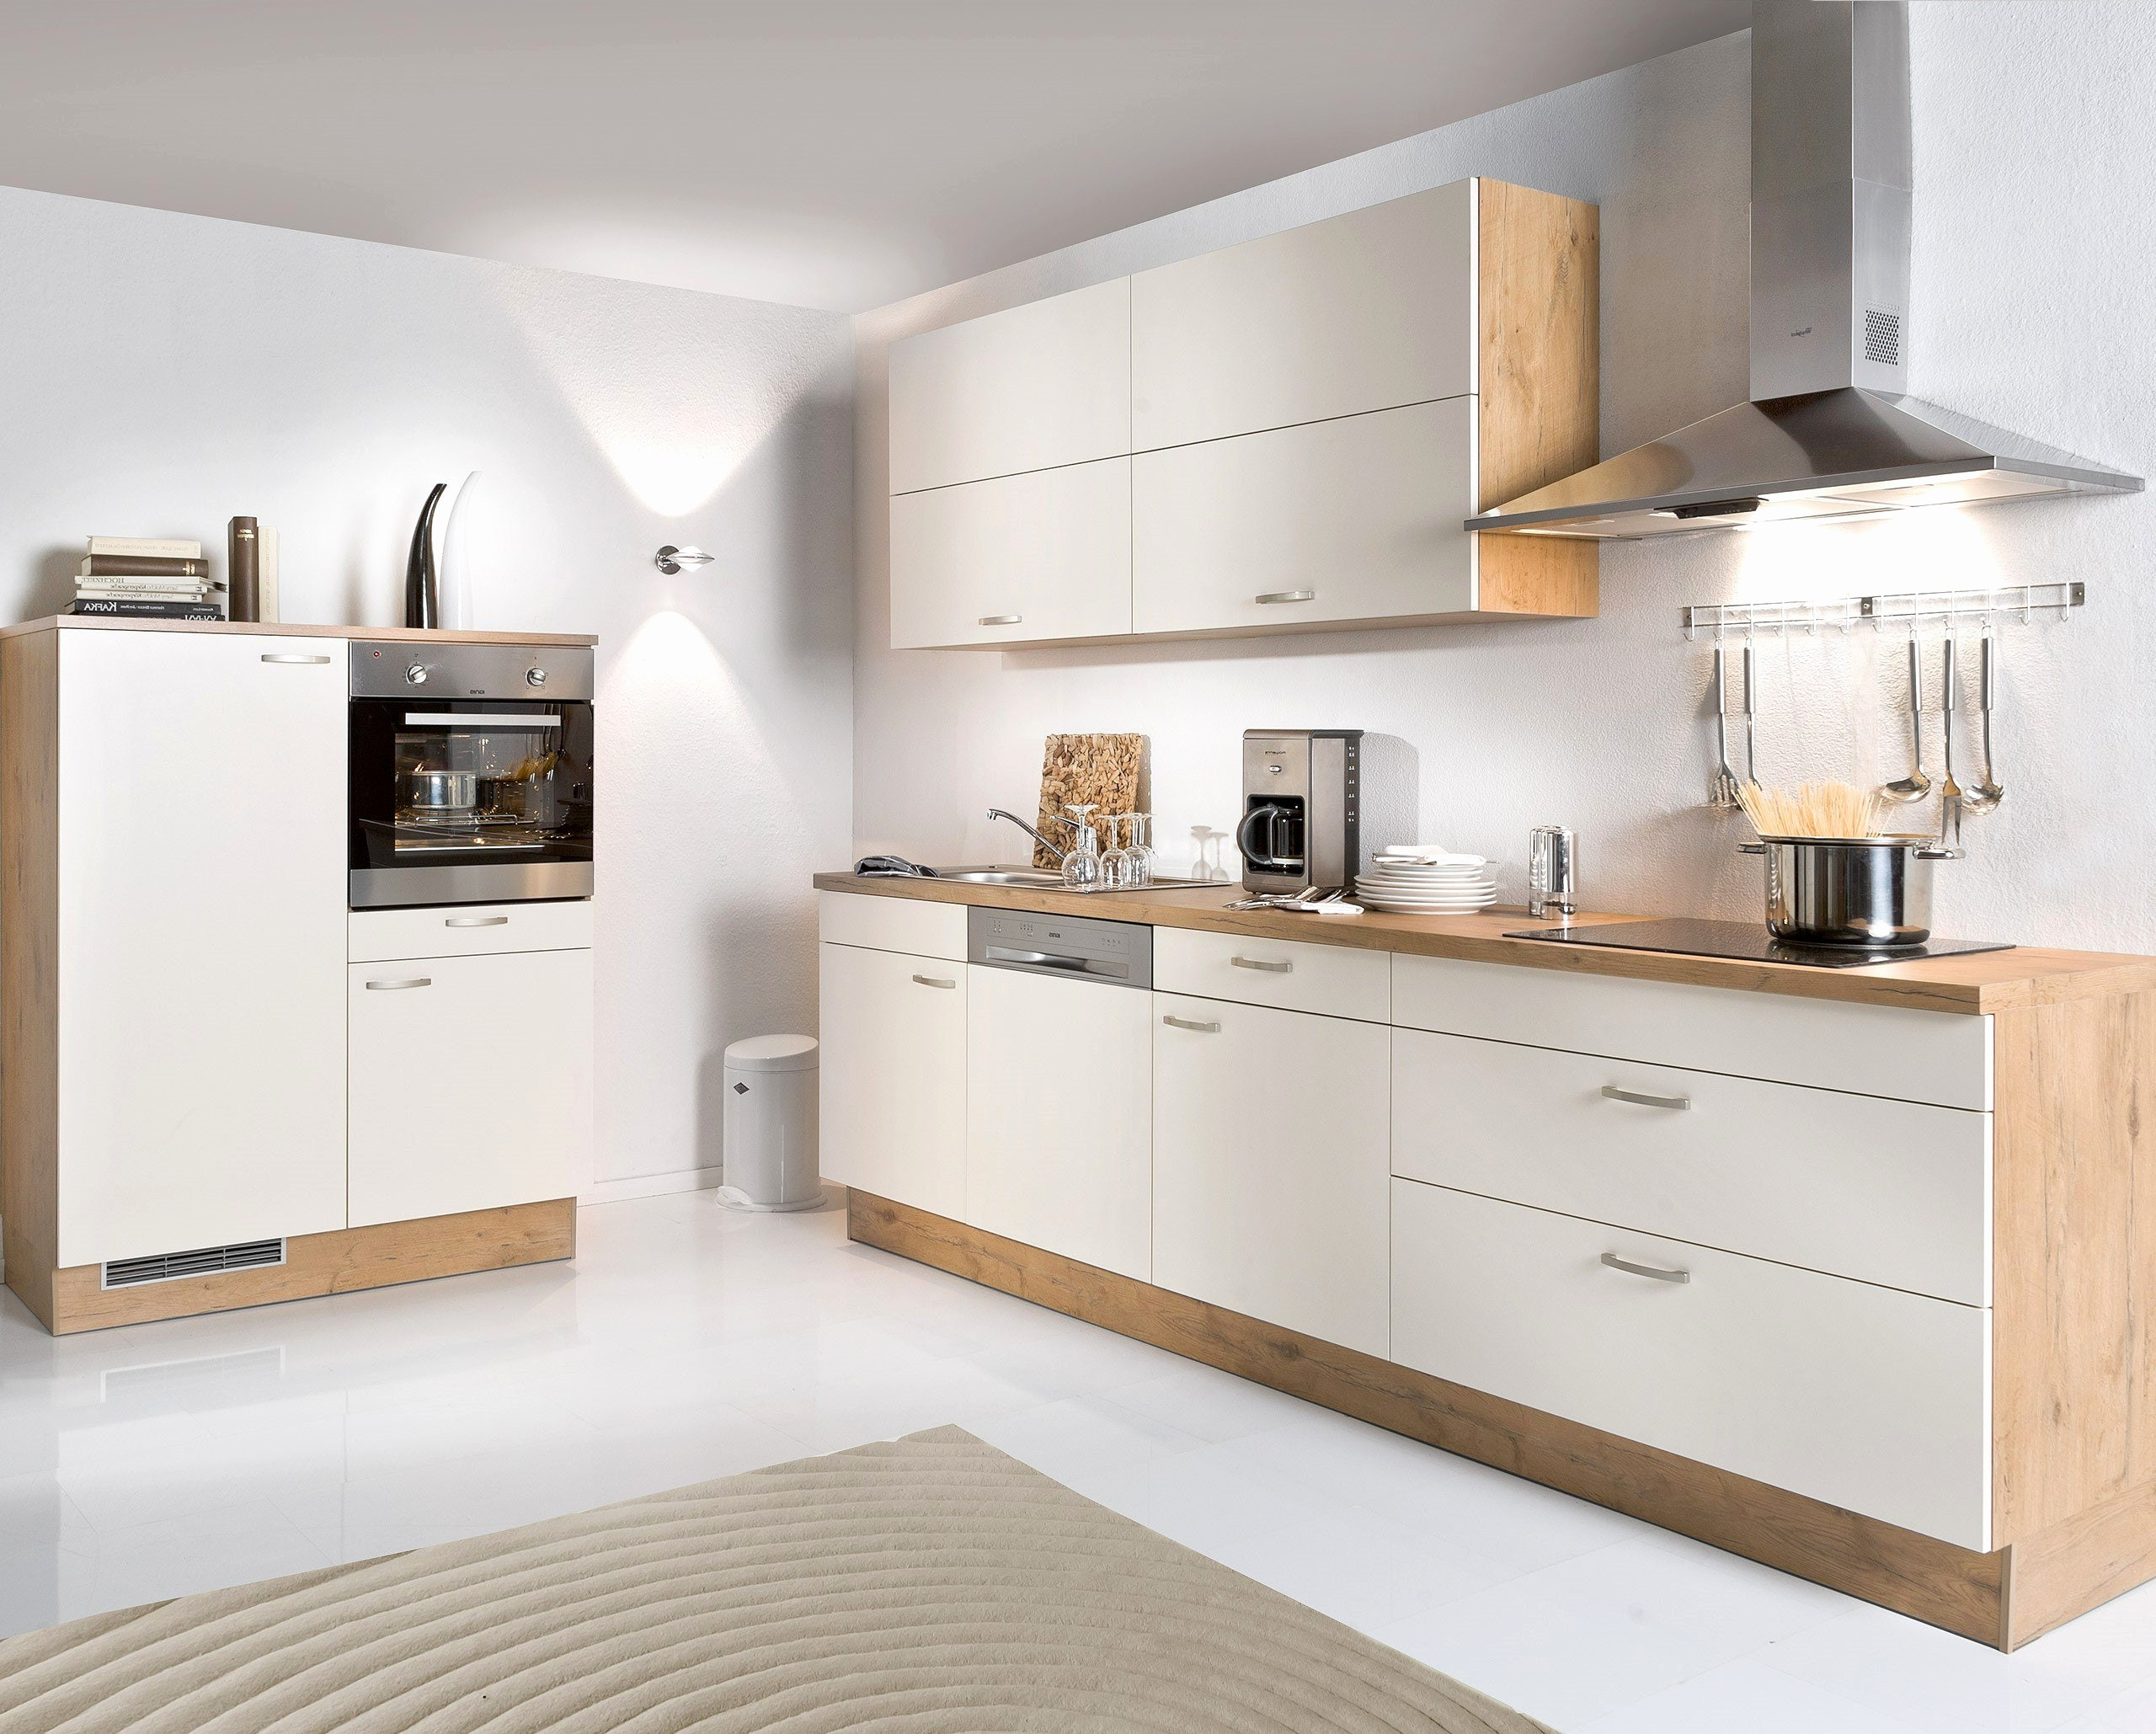 Full Size of Ikea Front Spülmaschine Großartig Arbeitsplatte Küche ? Arbeitsplatte Ahorn Durchgehende Lamellen Küche Singelküche